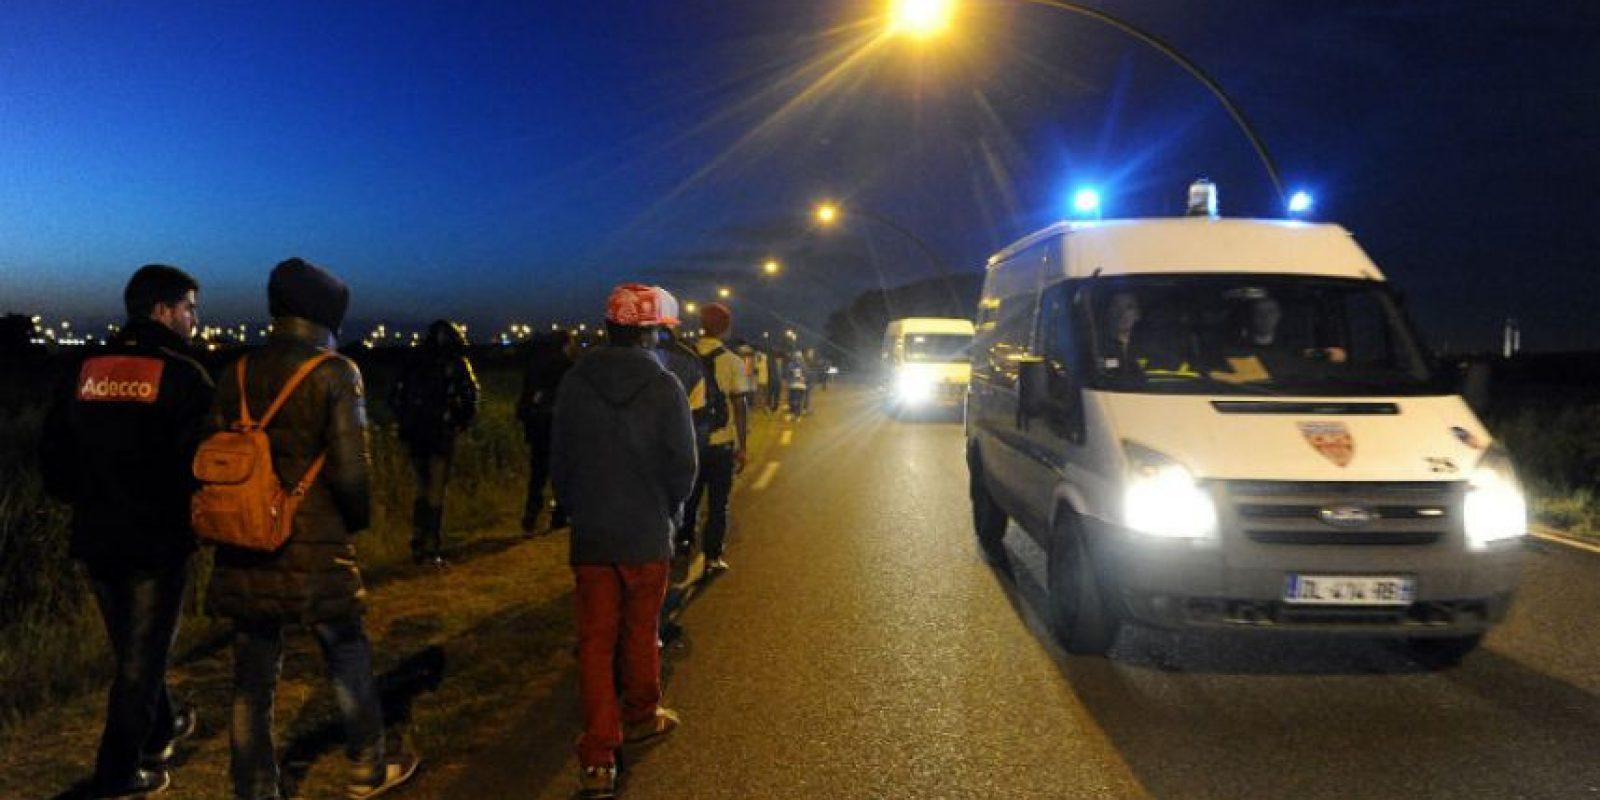 Se ha registrado un intento masivo de inmigrantes que pretenden cruzar el eurotúnel. Foto:AFP